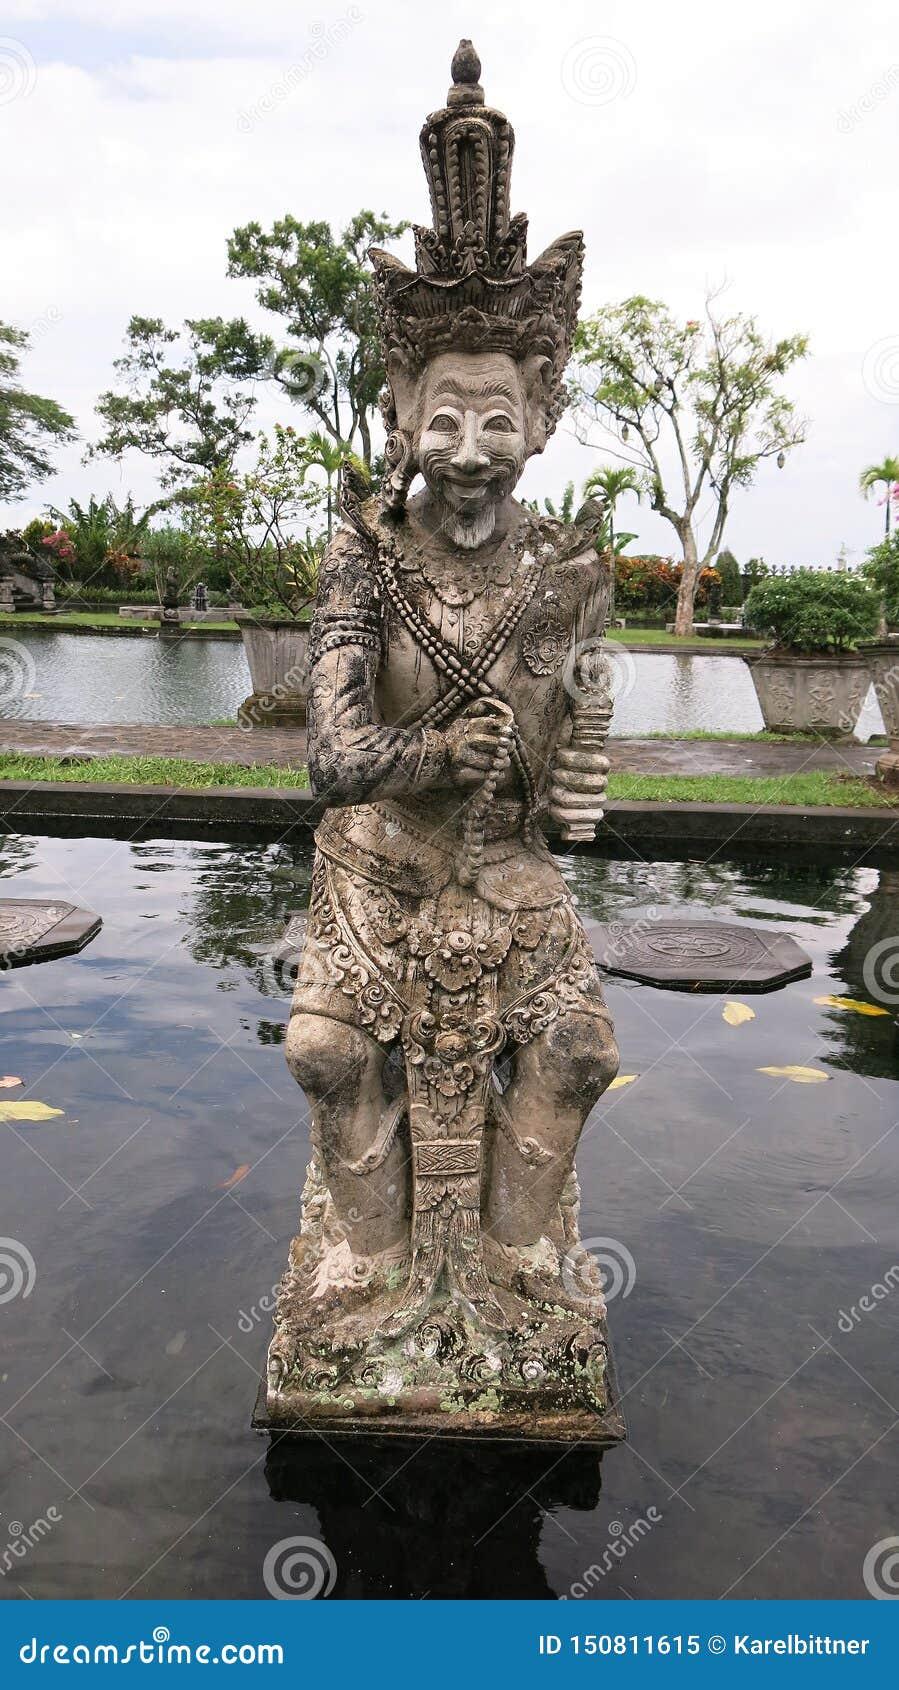 Protetor da mitologia do Balinese e estátua do guerreiro em Bali Estátua de pedra no jardim tropical na ilha de Bali